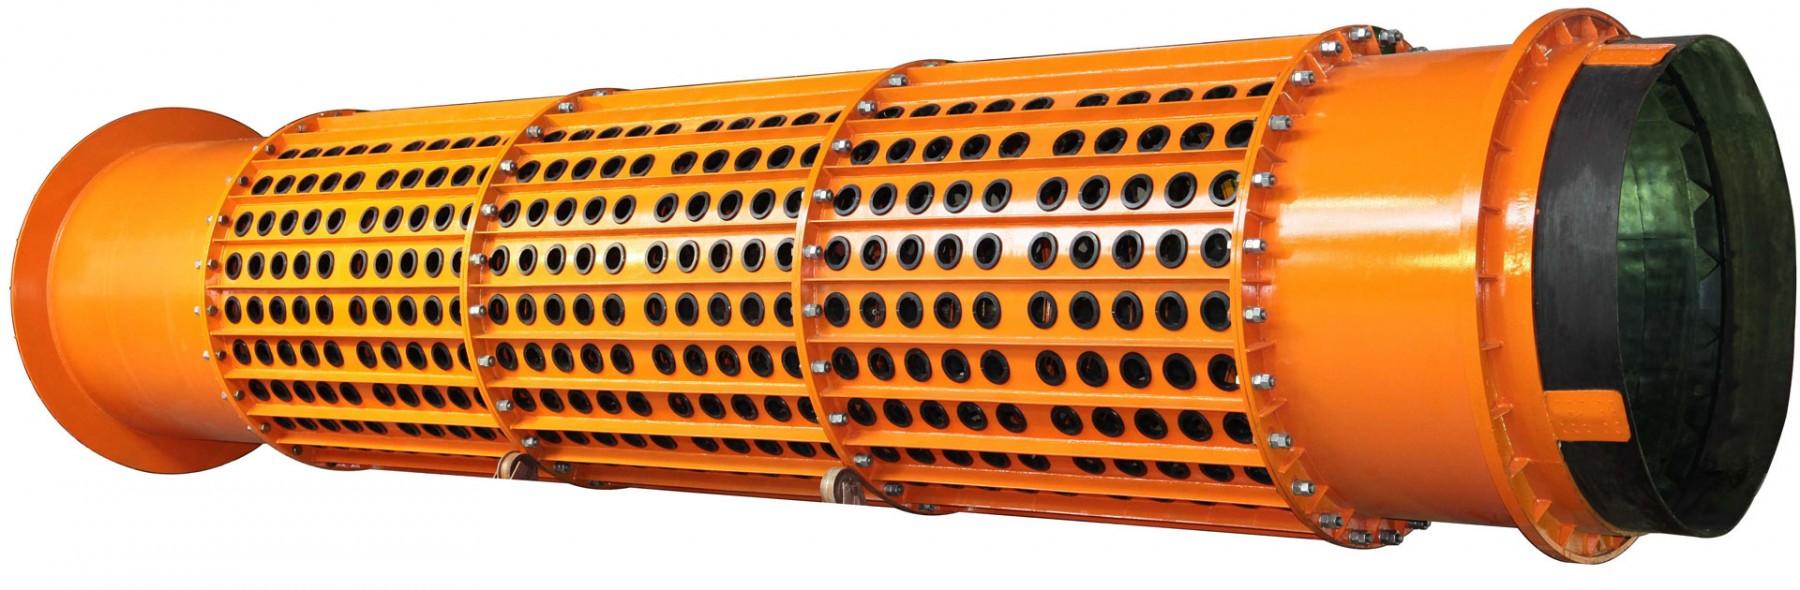 барабан бочка скруббер бутар